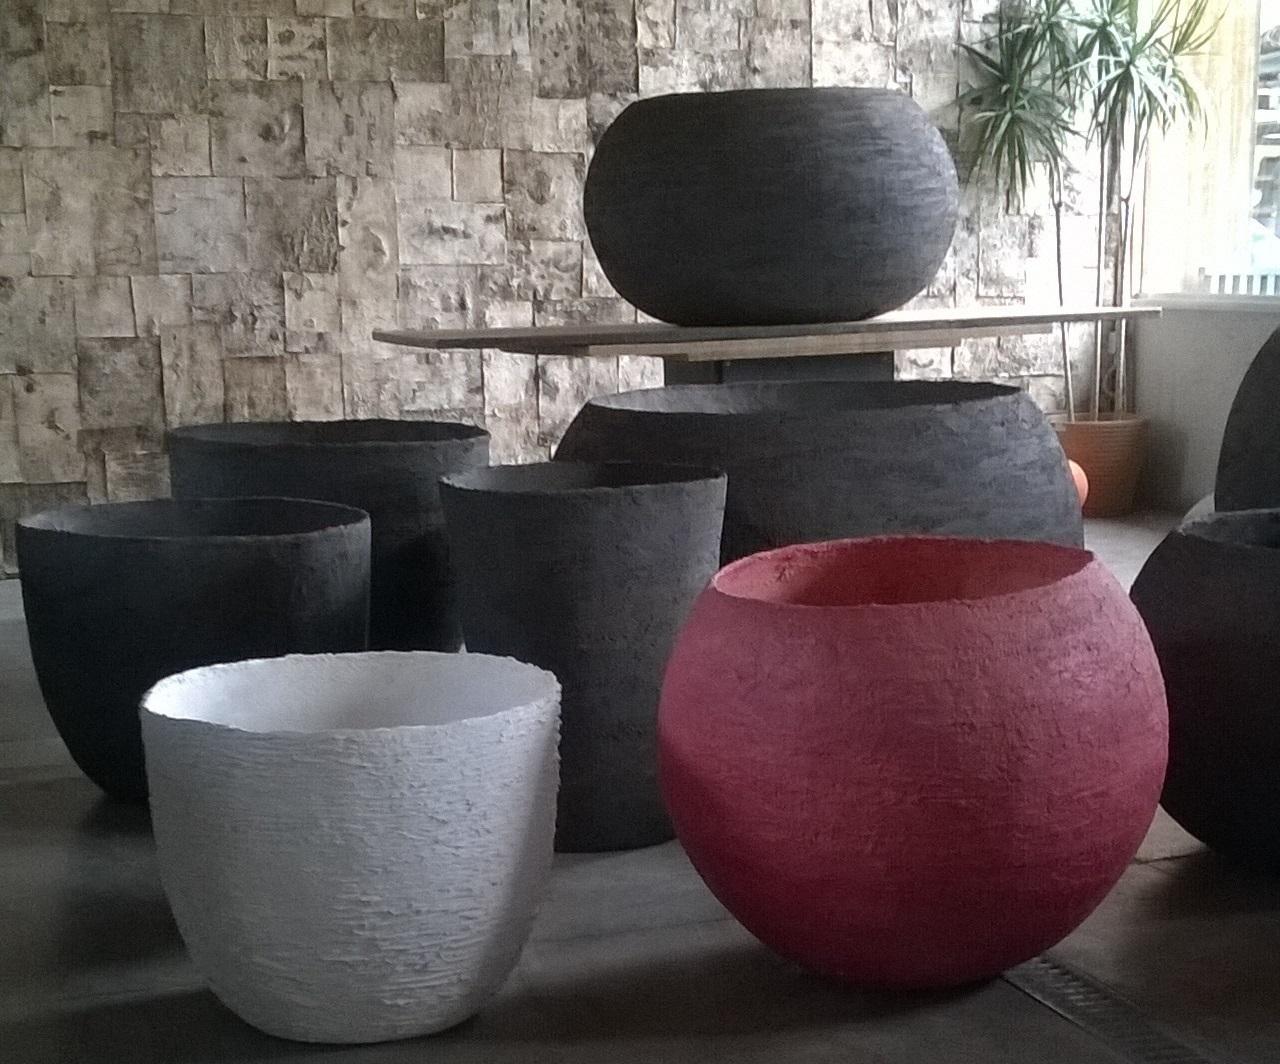 Vasi Interno Grandi Dimensioni una serra meravigliosa e l'arte dei vasi fatti a mano